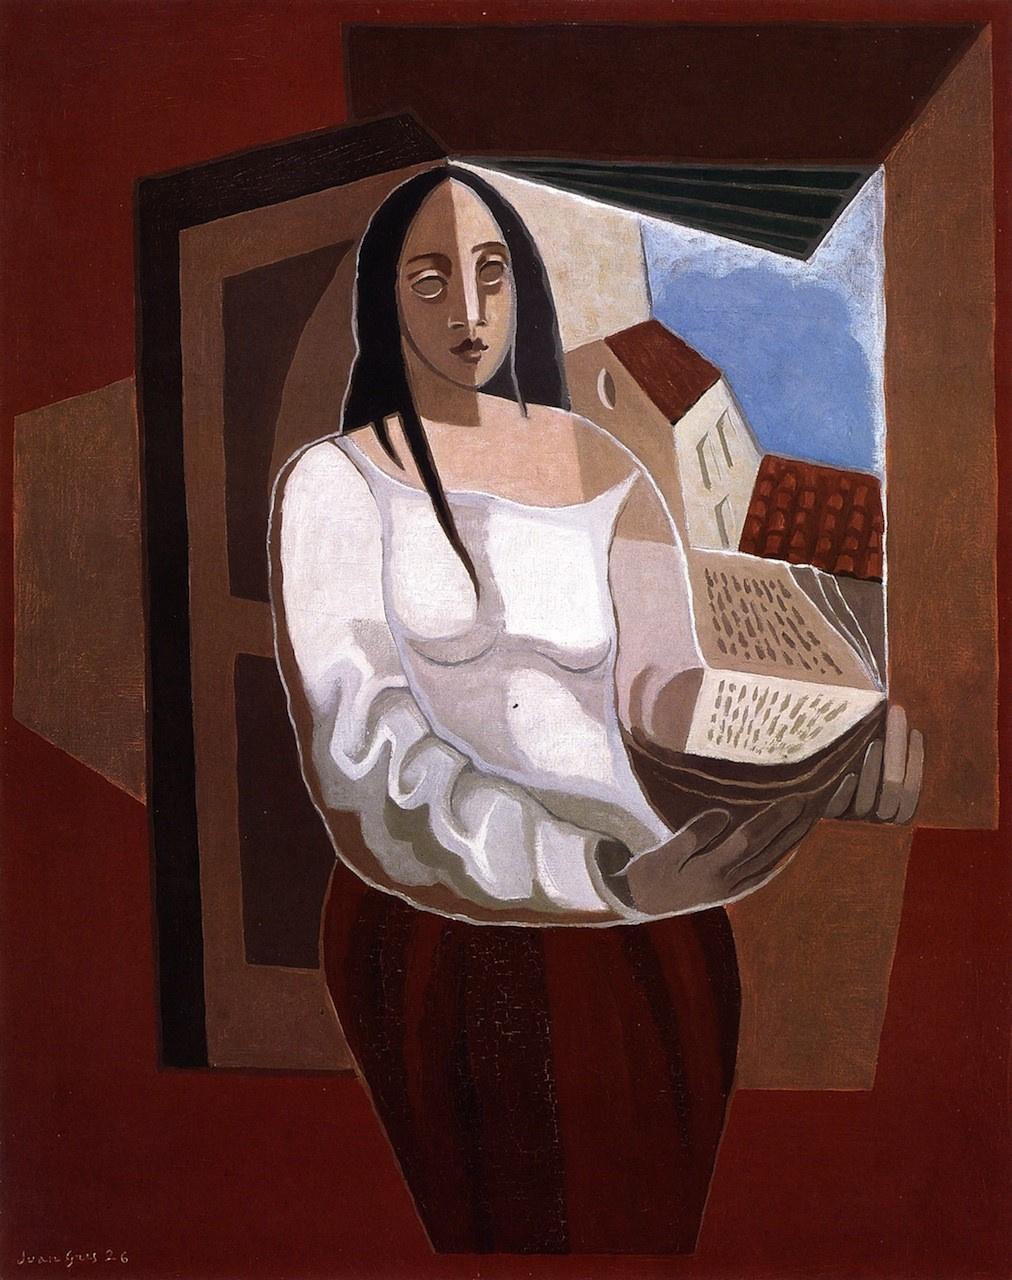 Juan Gris. Woman with book